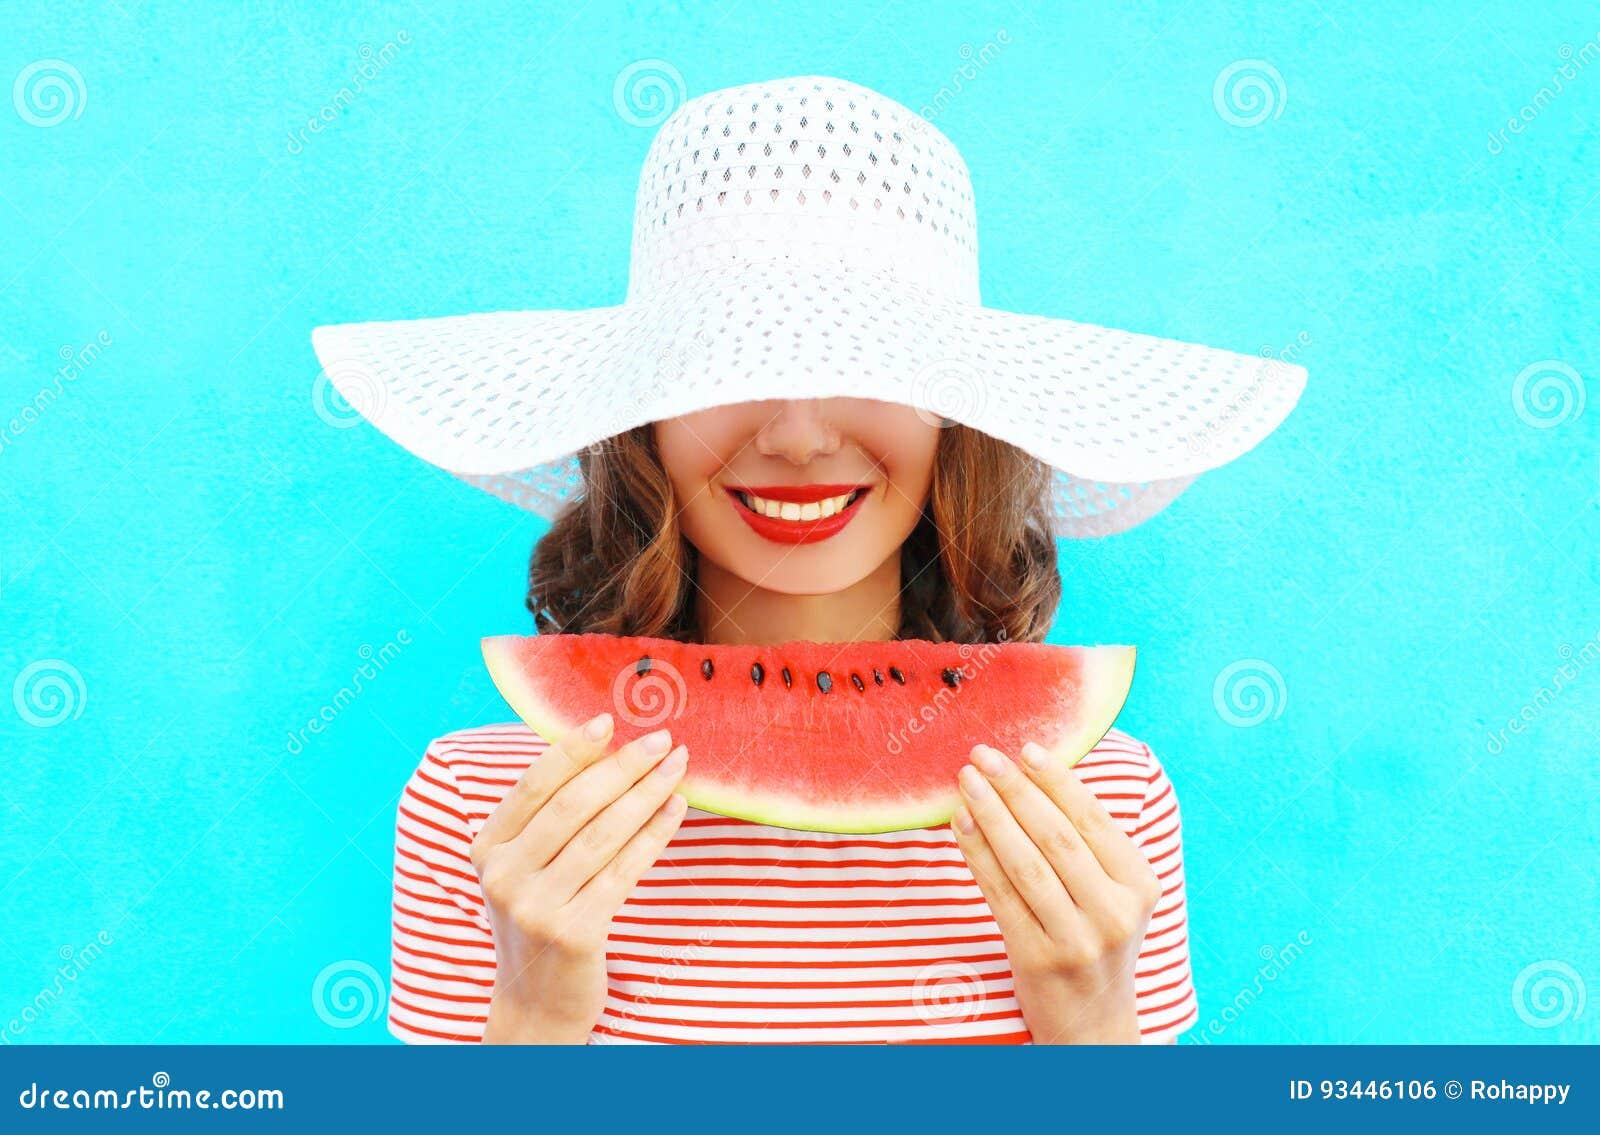 Η ευτυχής χαμογελώντας νέα γυναίκα πορτρέτου μόδας κρατά μια φέτα του καρπουζιού σε ένα καπέλο αχύρου